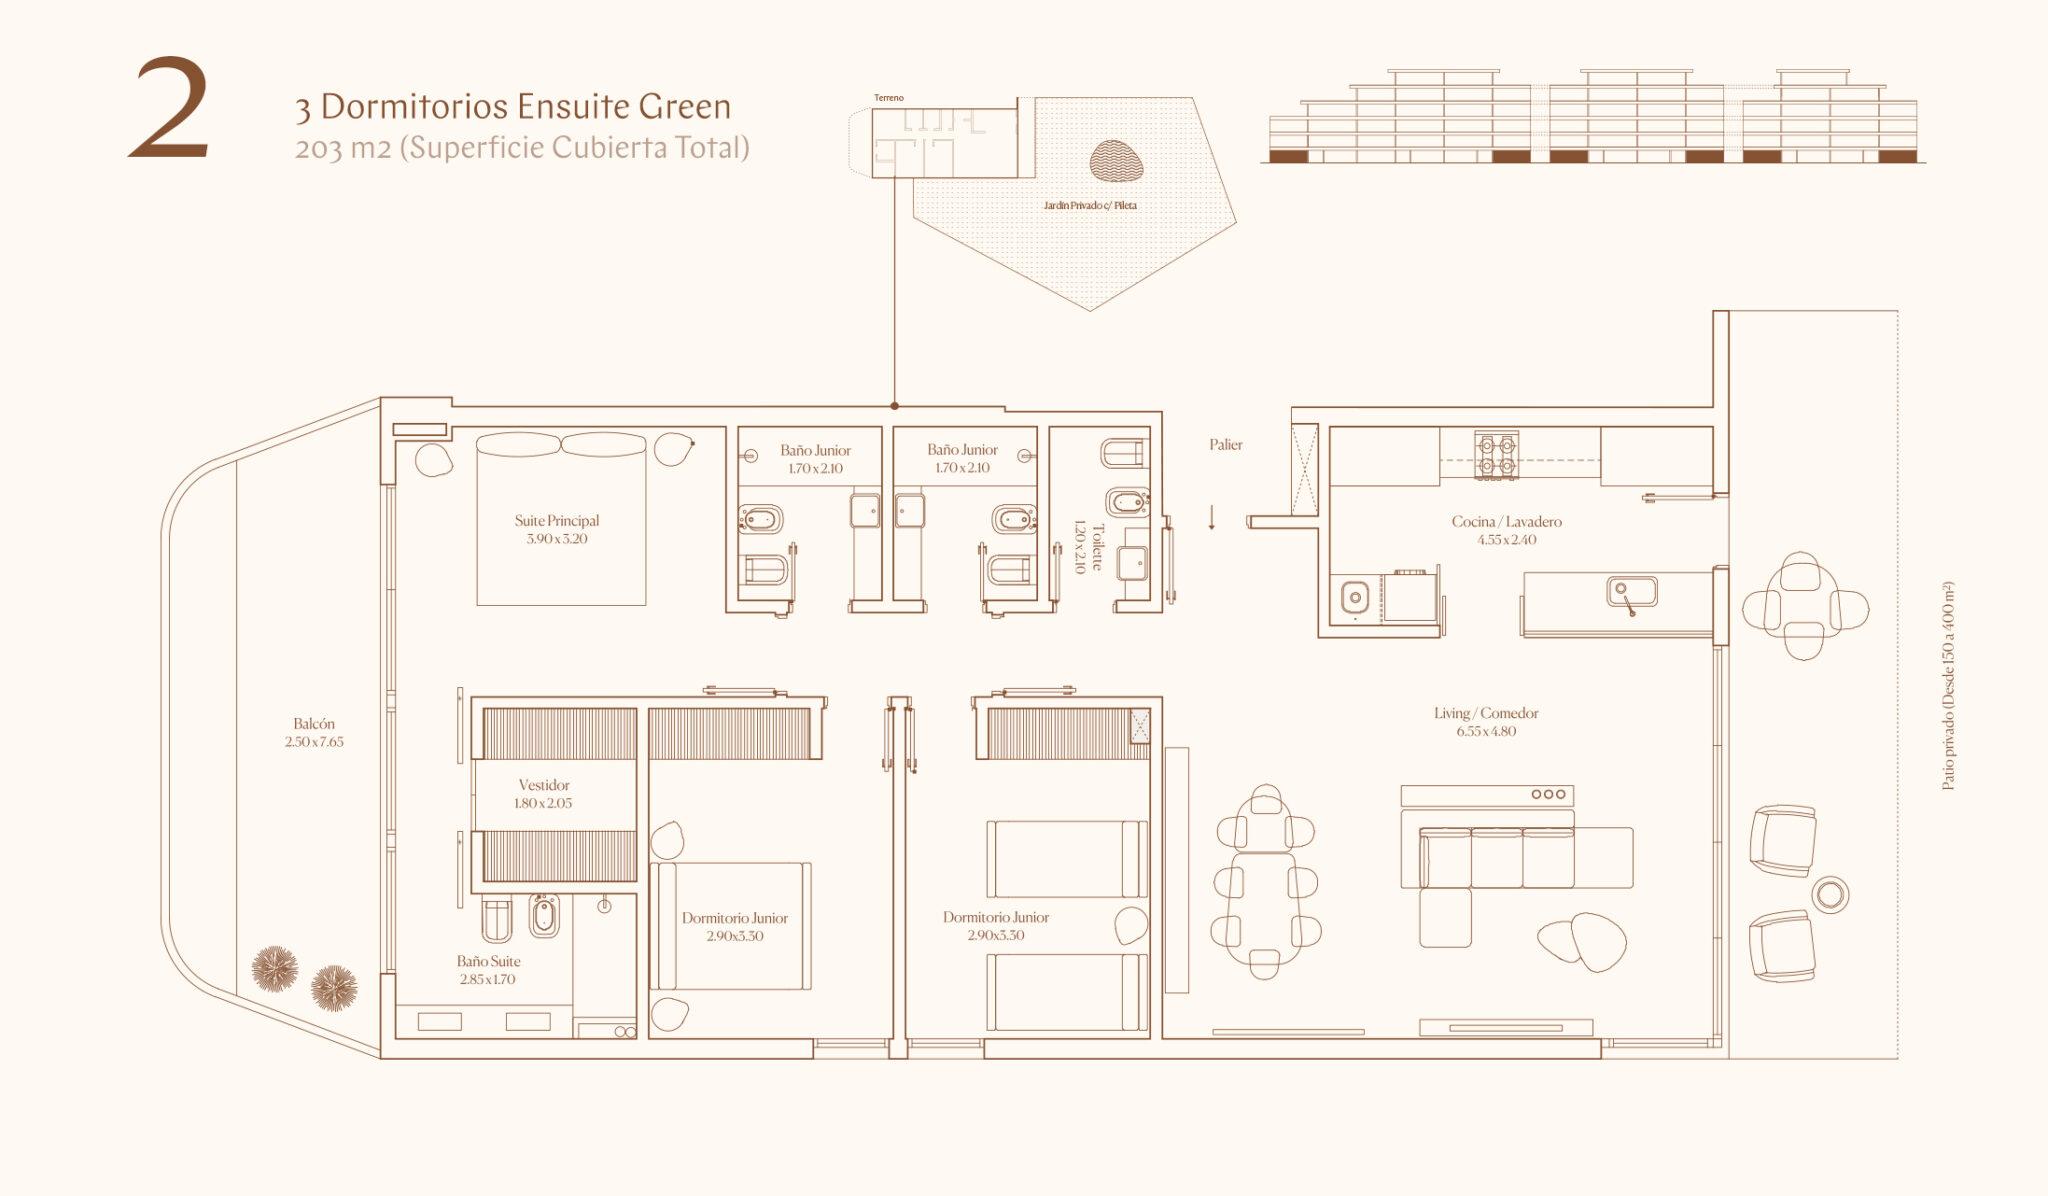 3 Dormitorios Ensuite Green